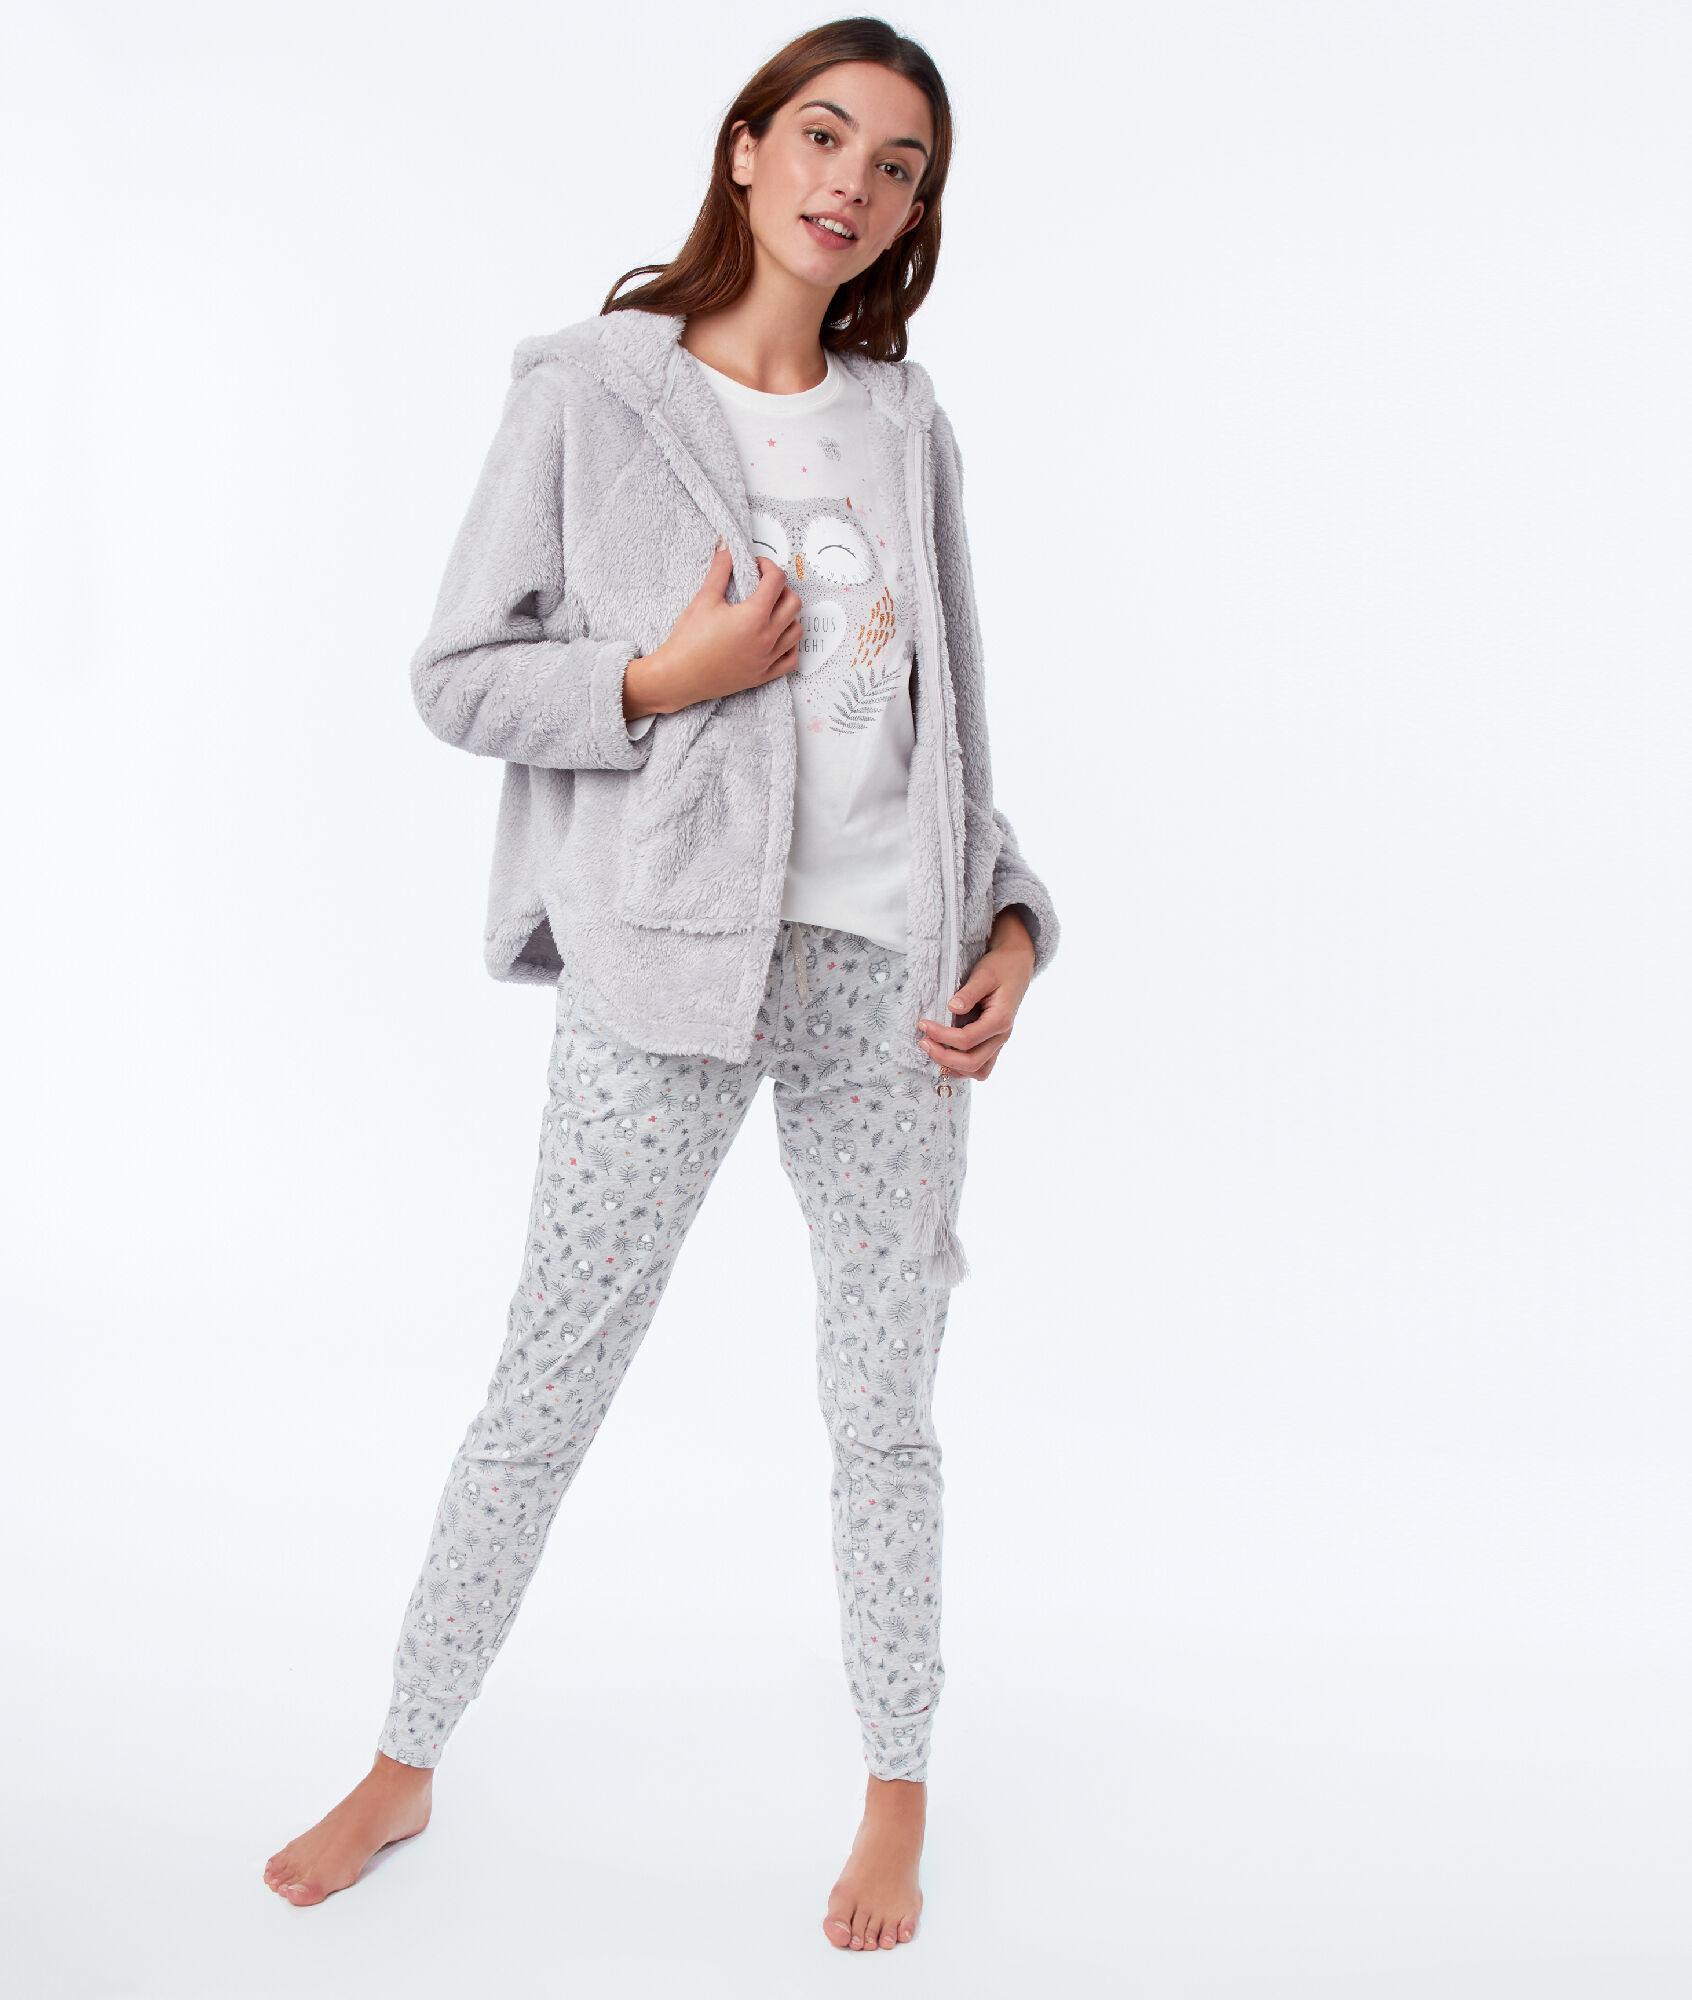 économiser plutôt sympa meilleur prix pour Pyjama trois pièces hibou - MAGIC - GRIS - Etam